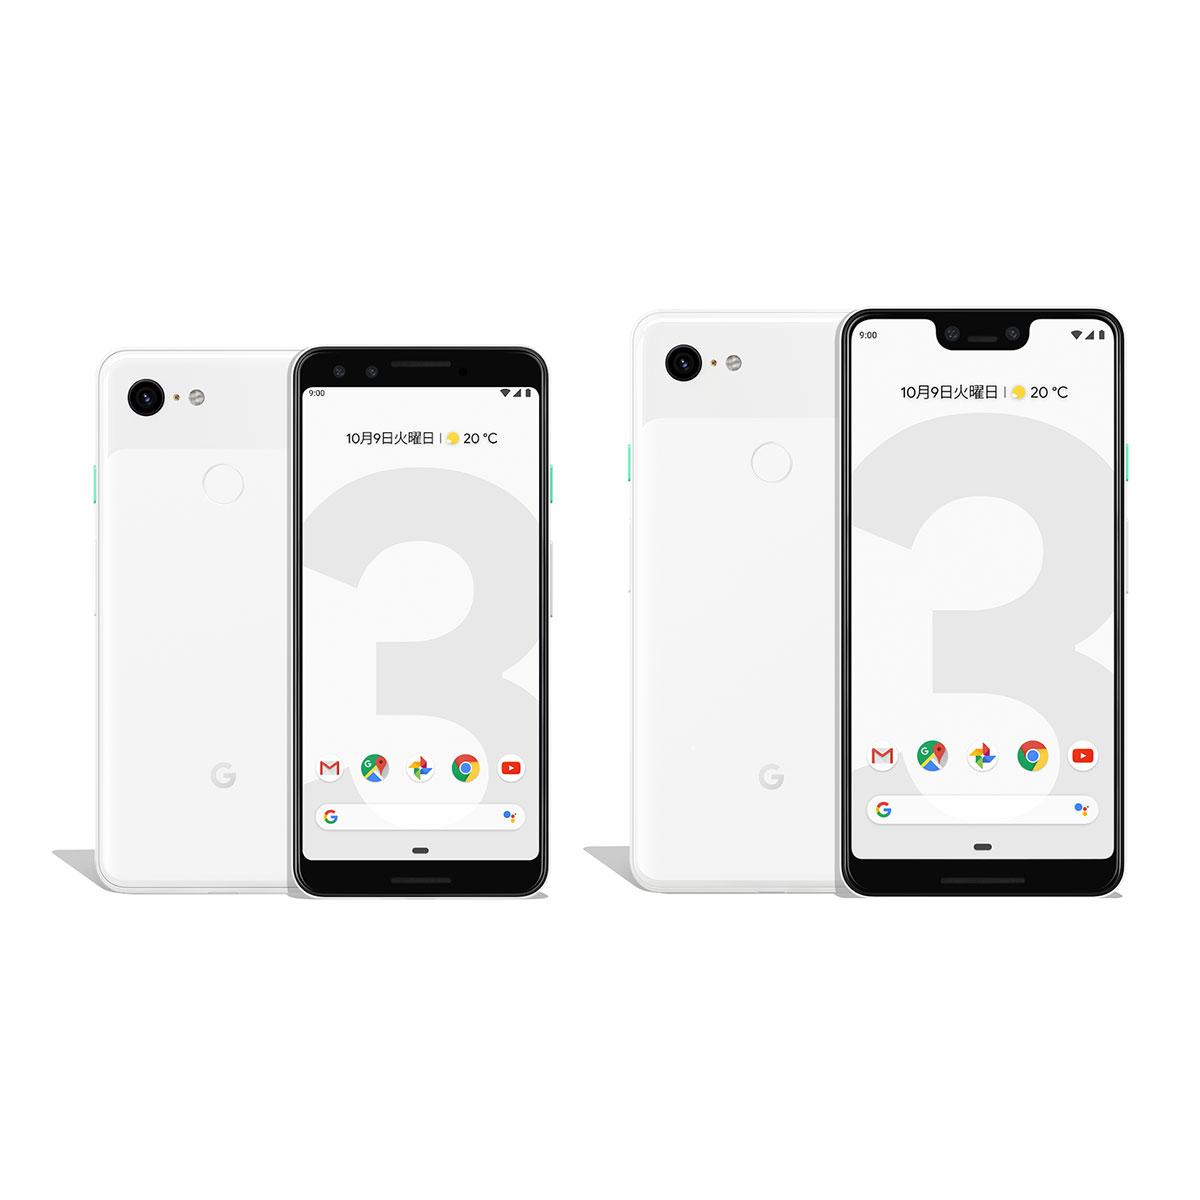 Googleから、AIでカメラ画質を向上させたスマホ「Pixel 3/3 XL」が11/1に発売